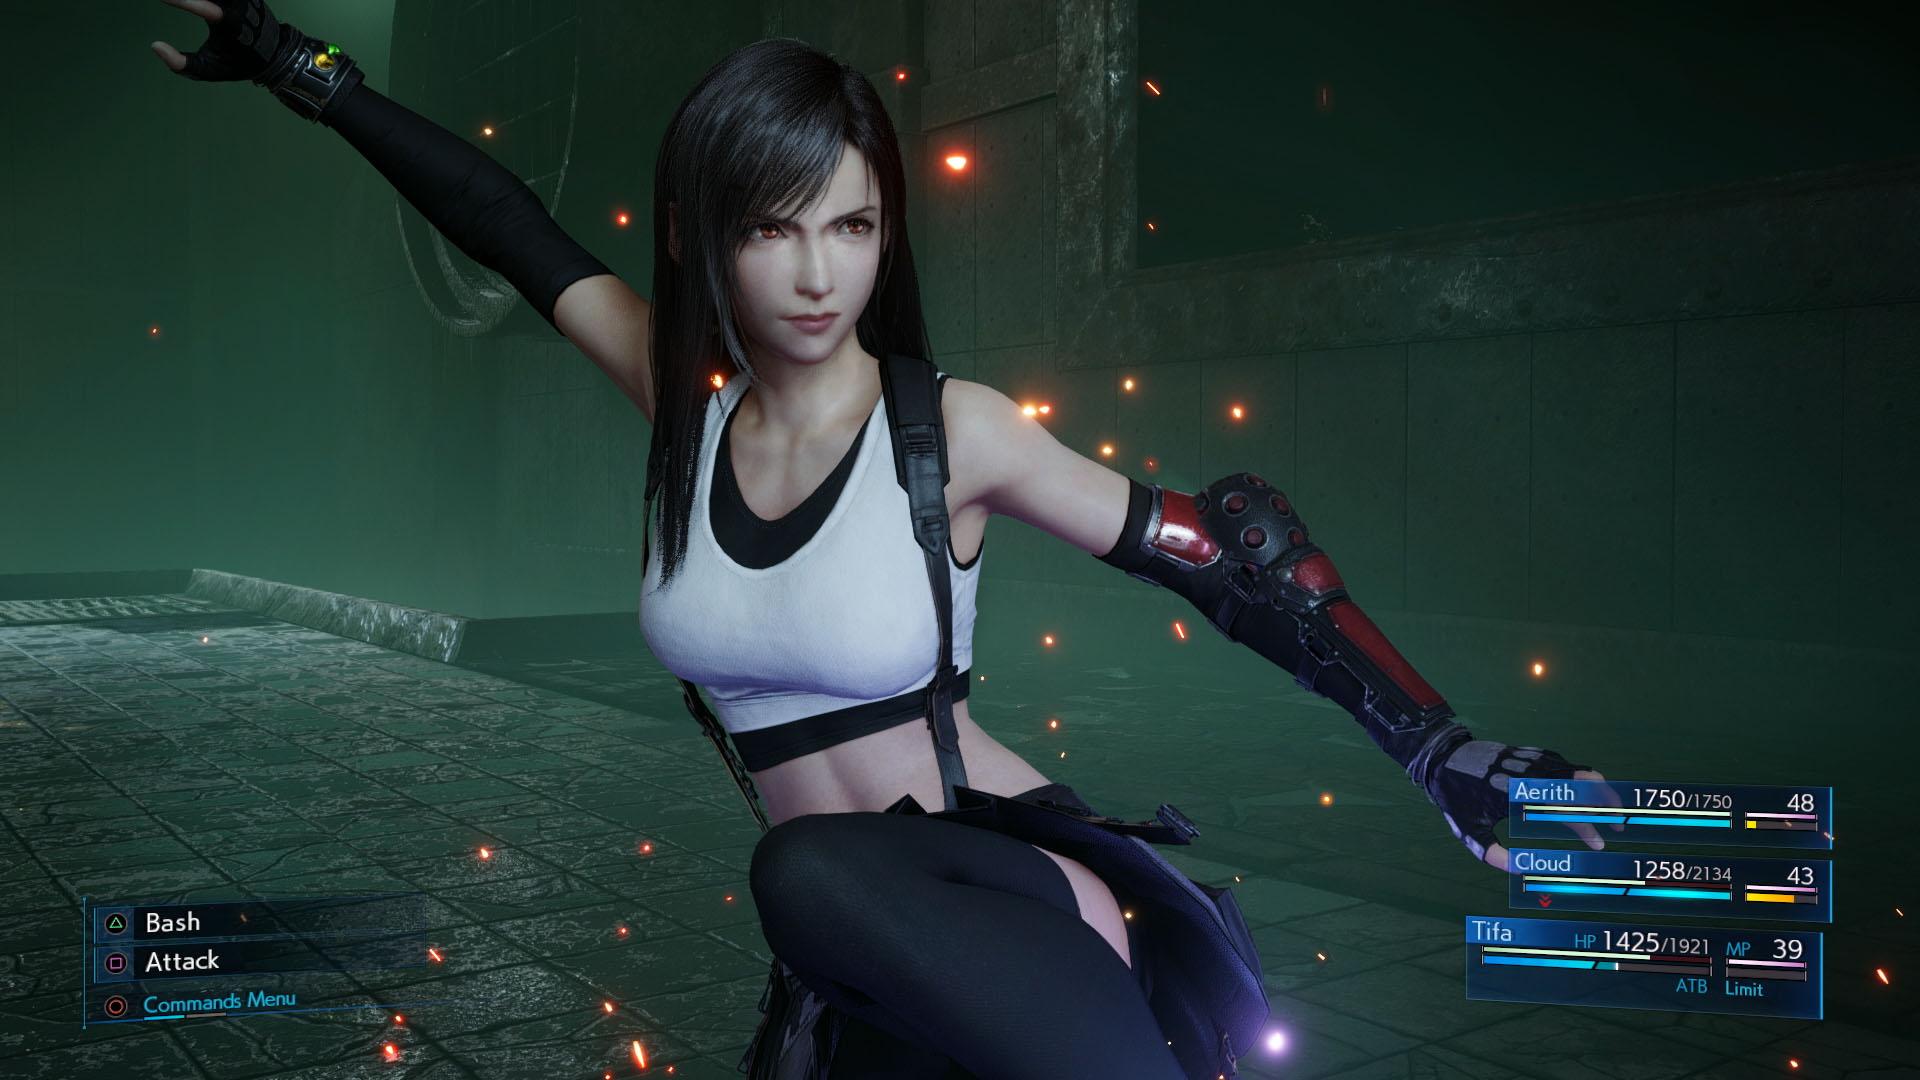 Shack Chat: من هي شخصيتك المفضلة في لعبة Final Fantasy؟ 1